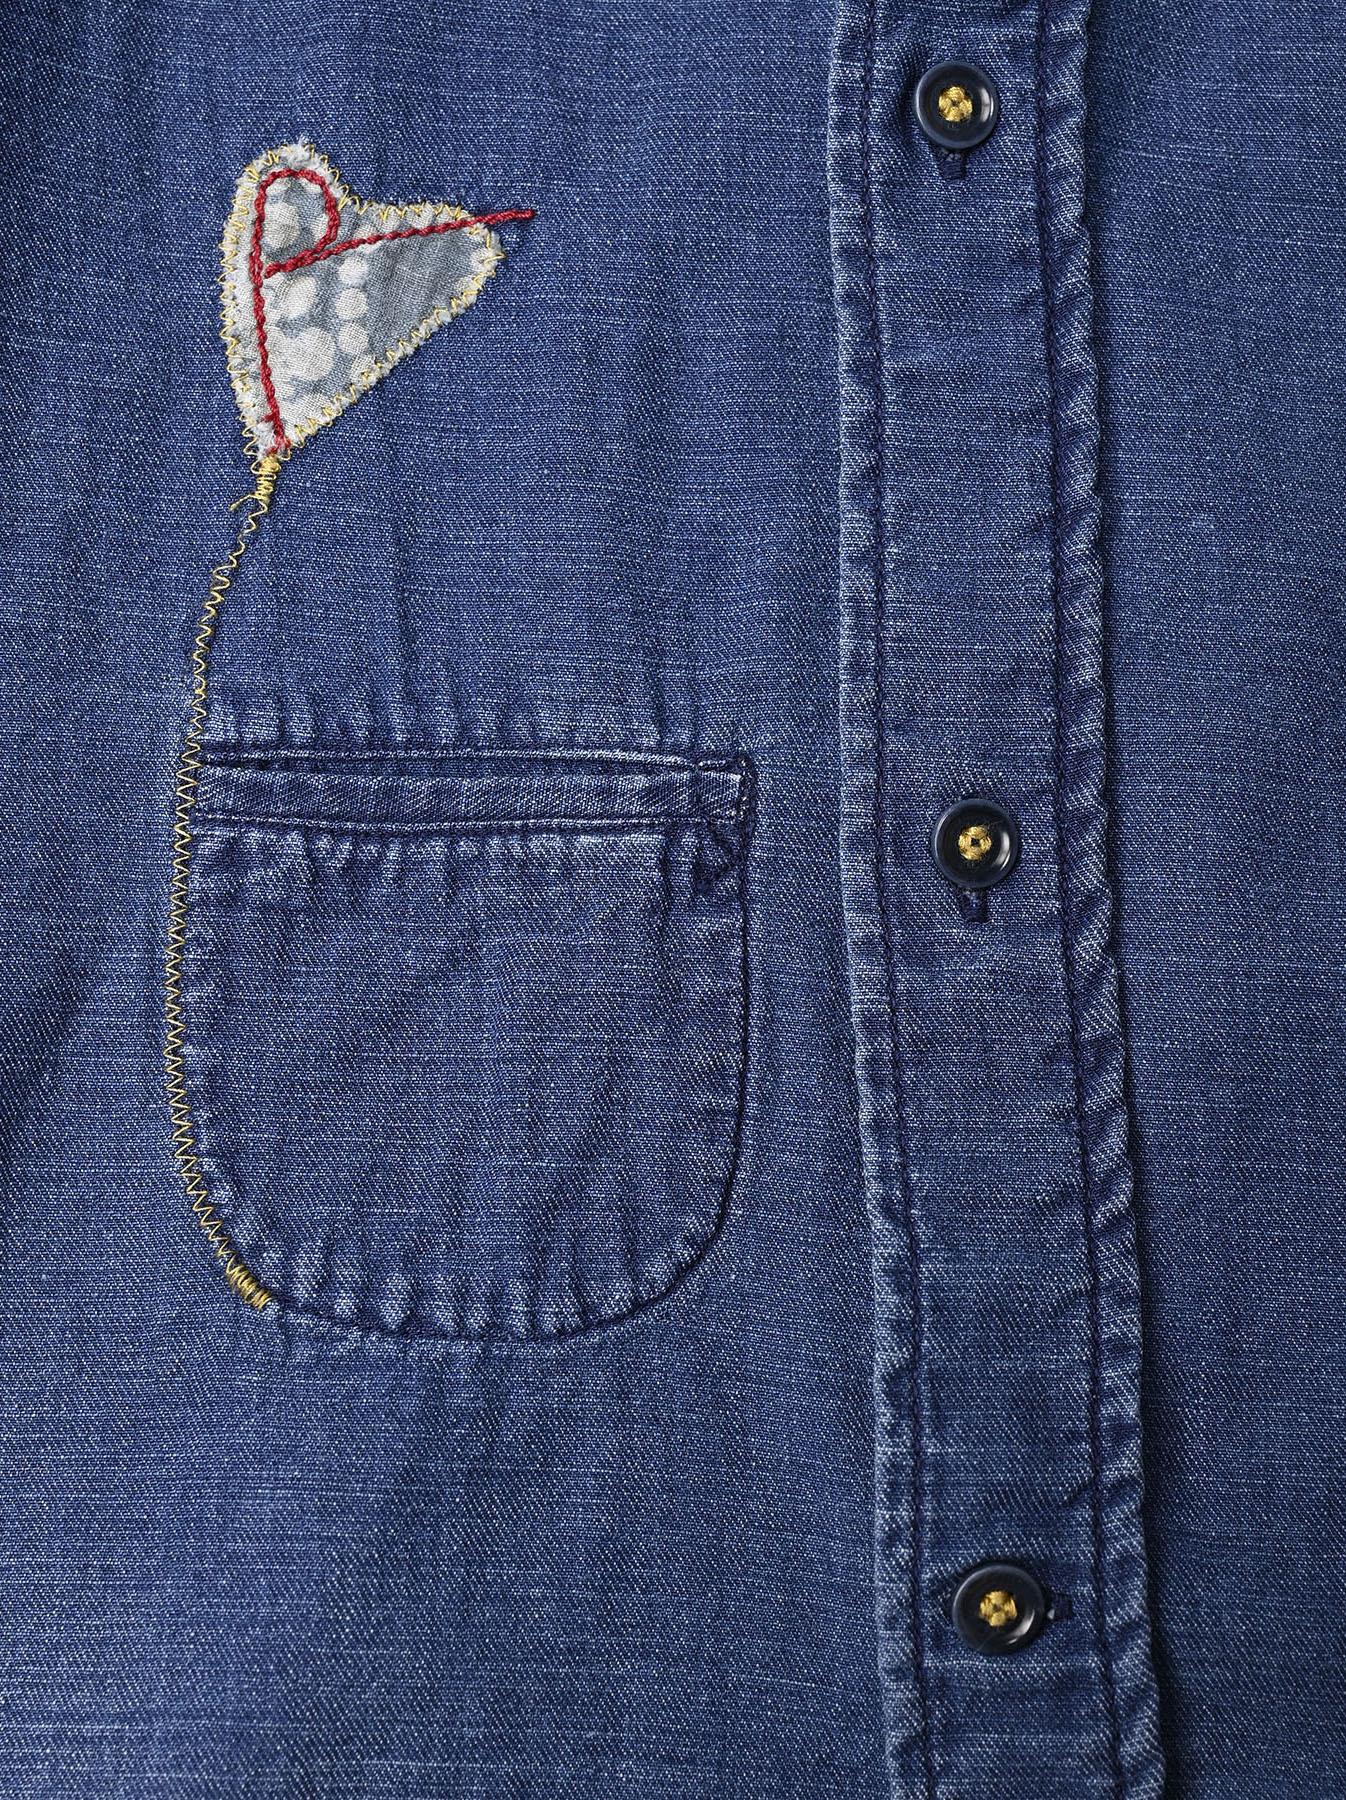 Goma Denim Ocean Button Down Shirt-10